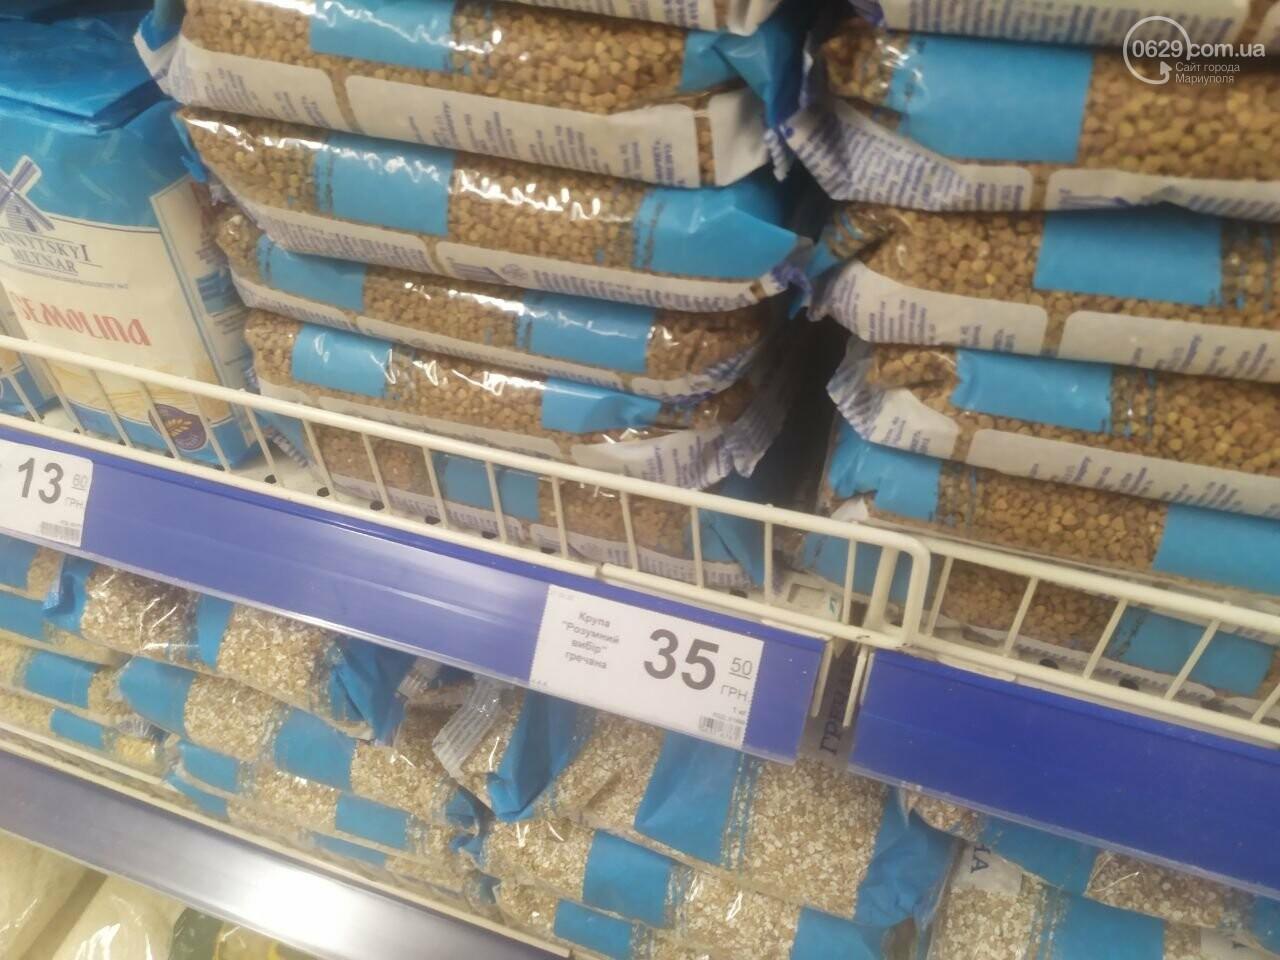 Как коронавирус изменил цены на продукты в Мариуполе, - ФОТО, фото-1